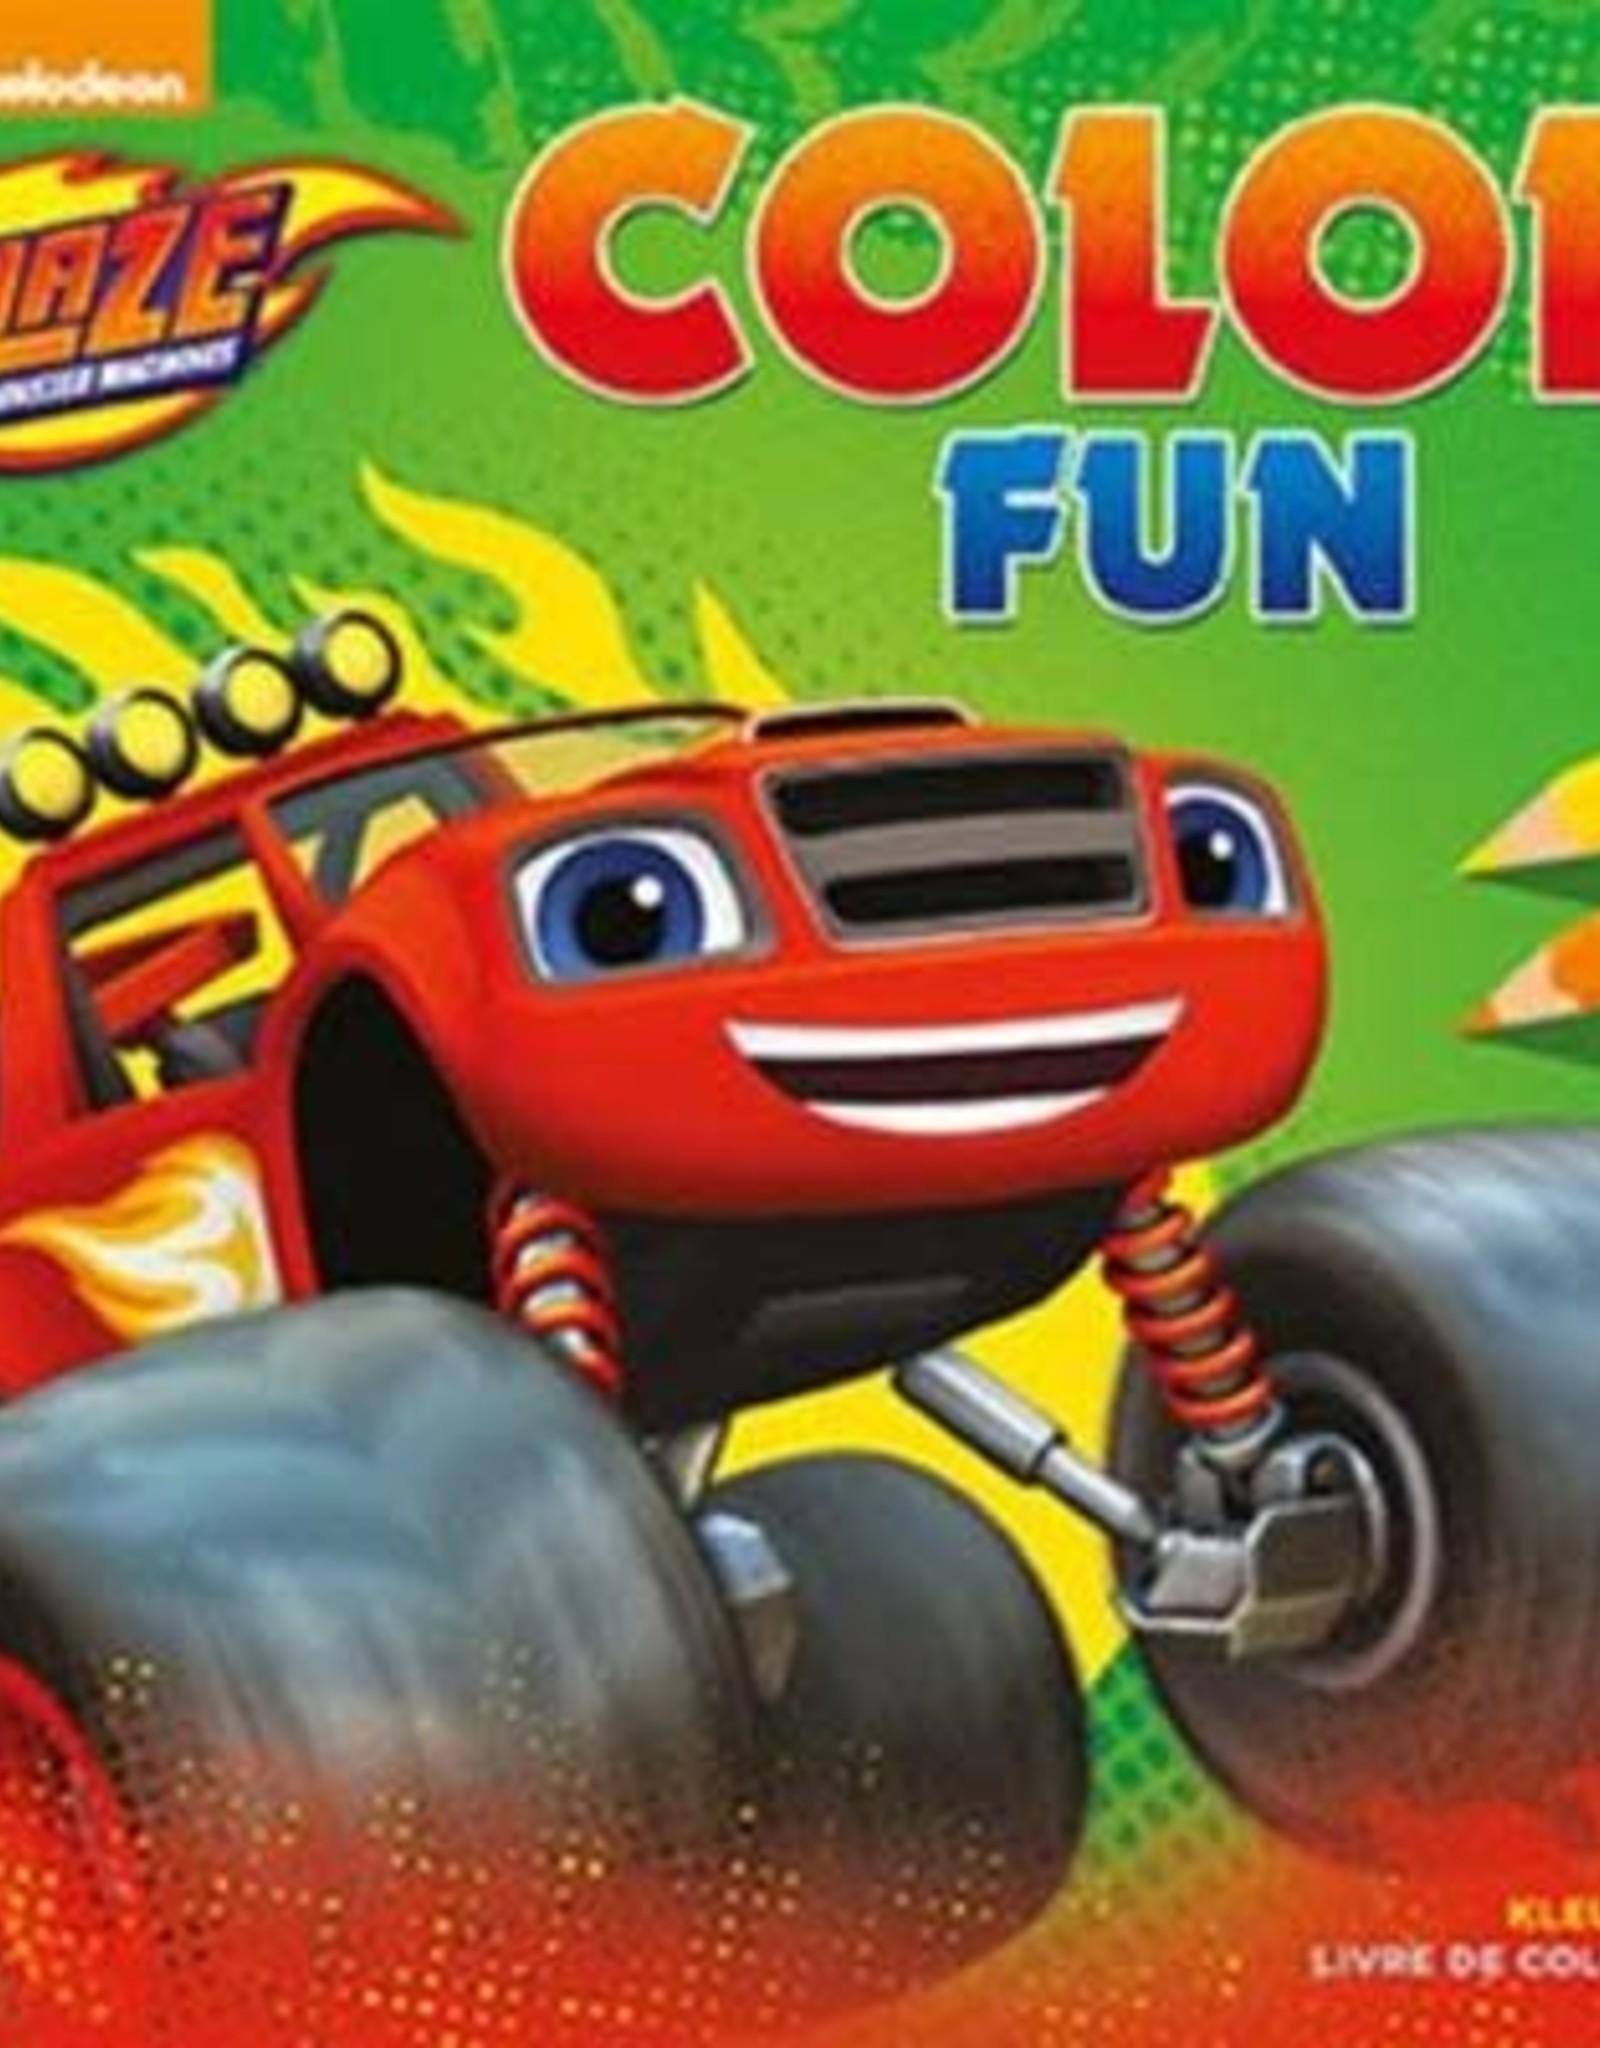 Deltas Color Fun BLAZE